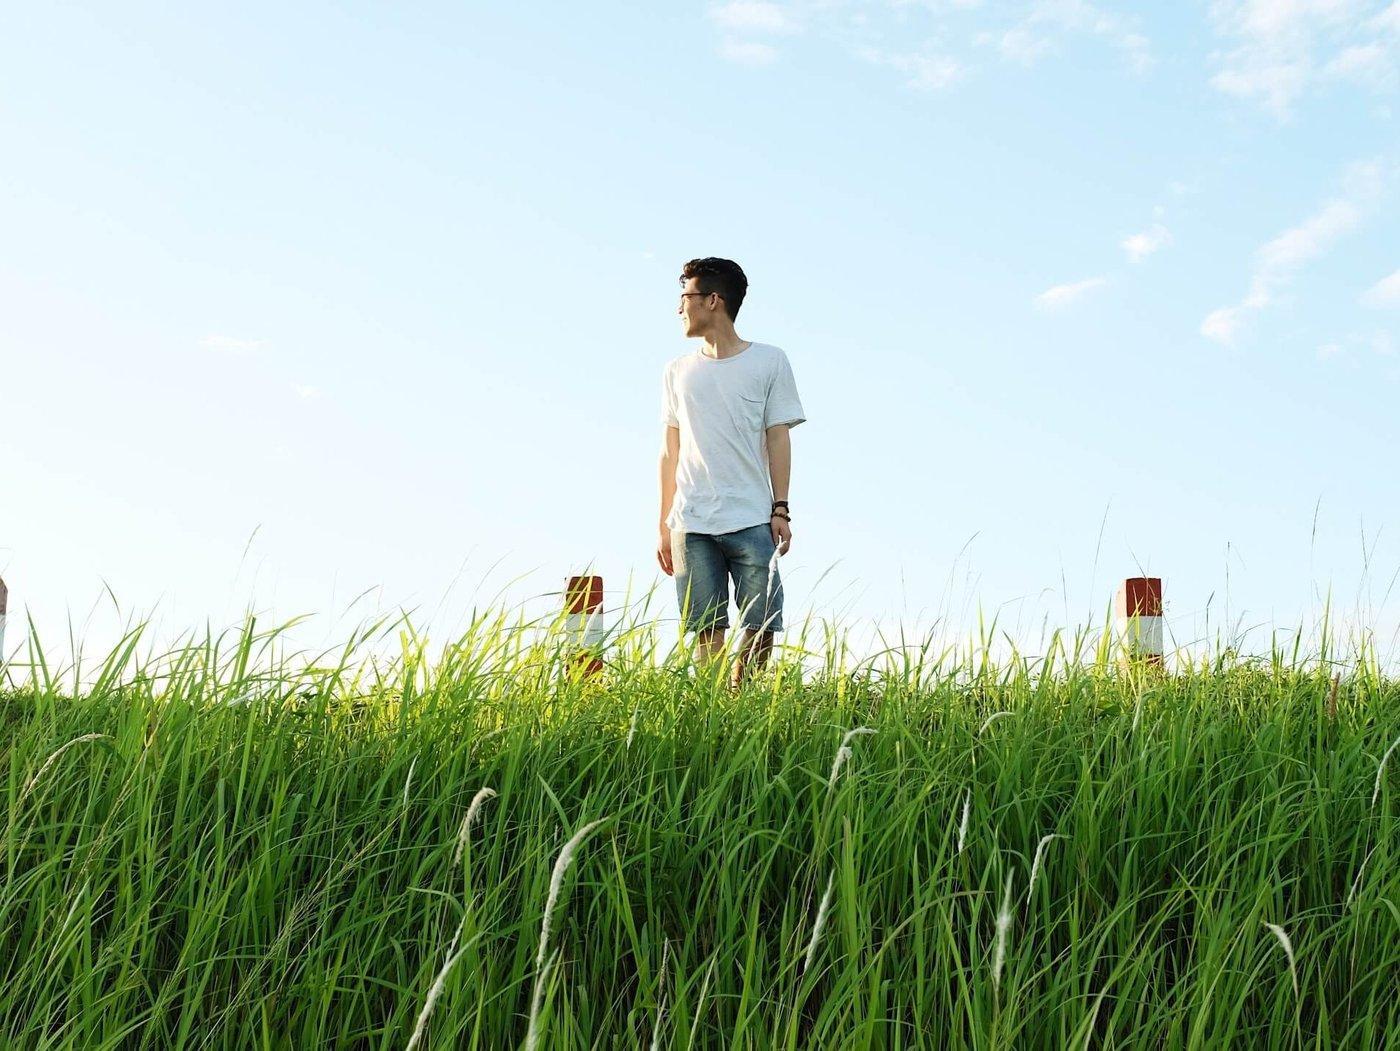 Eine grüne Wiese und ein blauer Himmel, auf der Wiese steht ein junger Mann